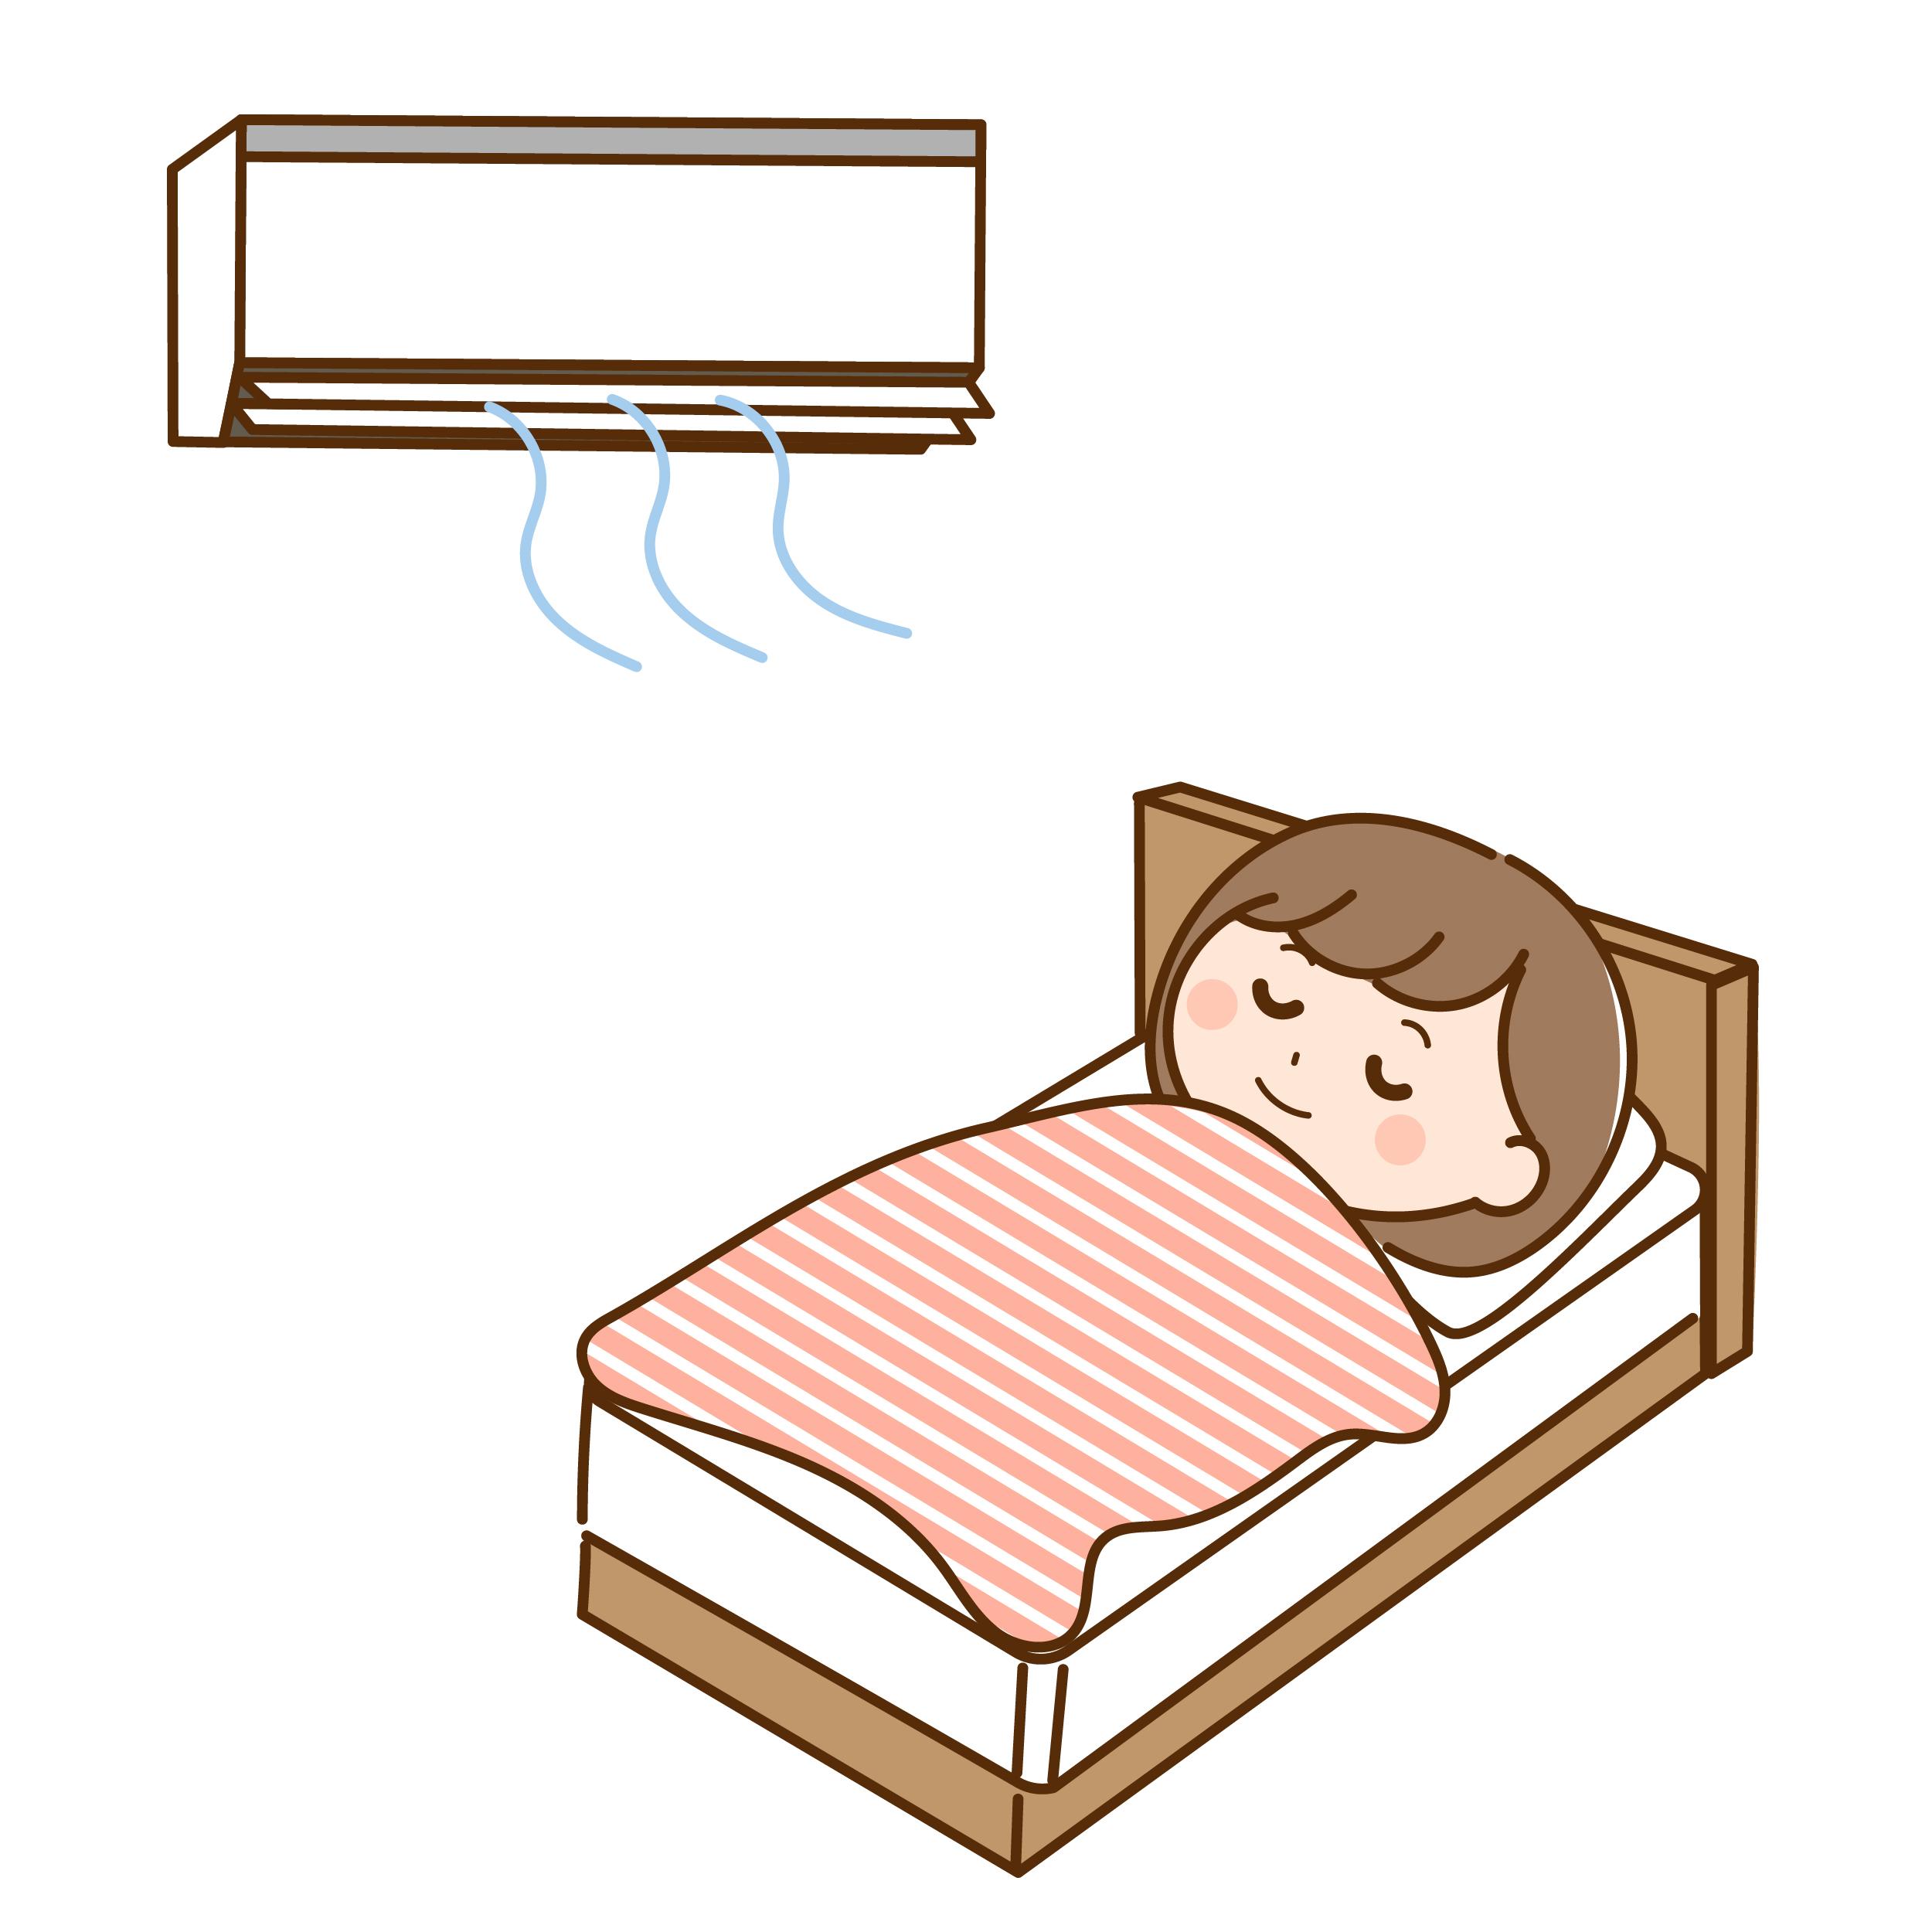 エアコンをつけて眠る女性のイラスト